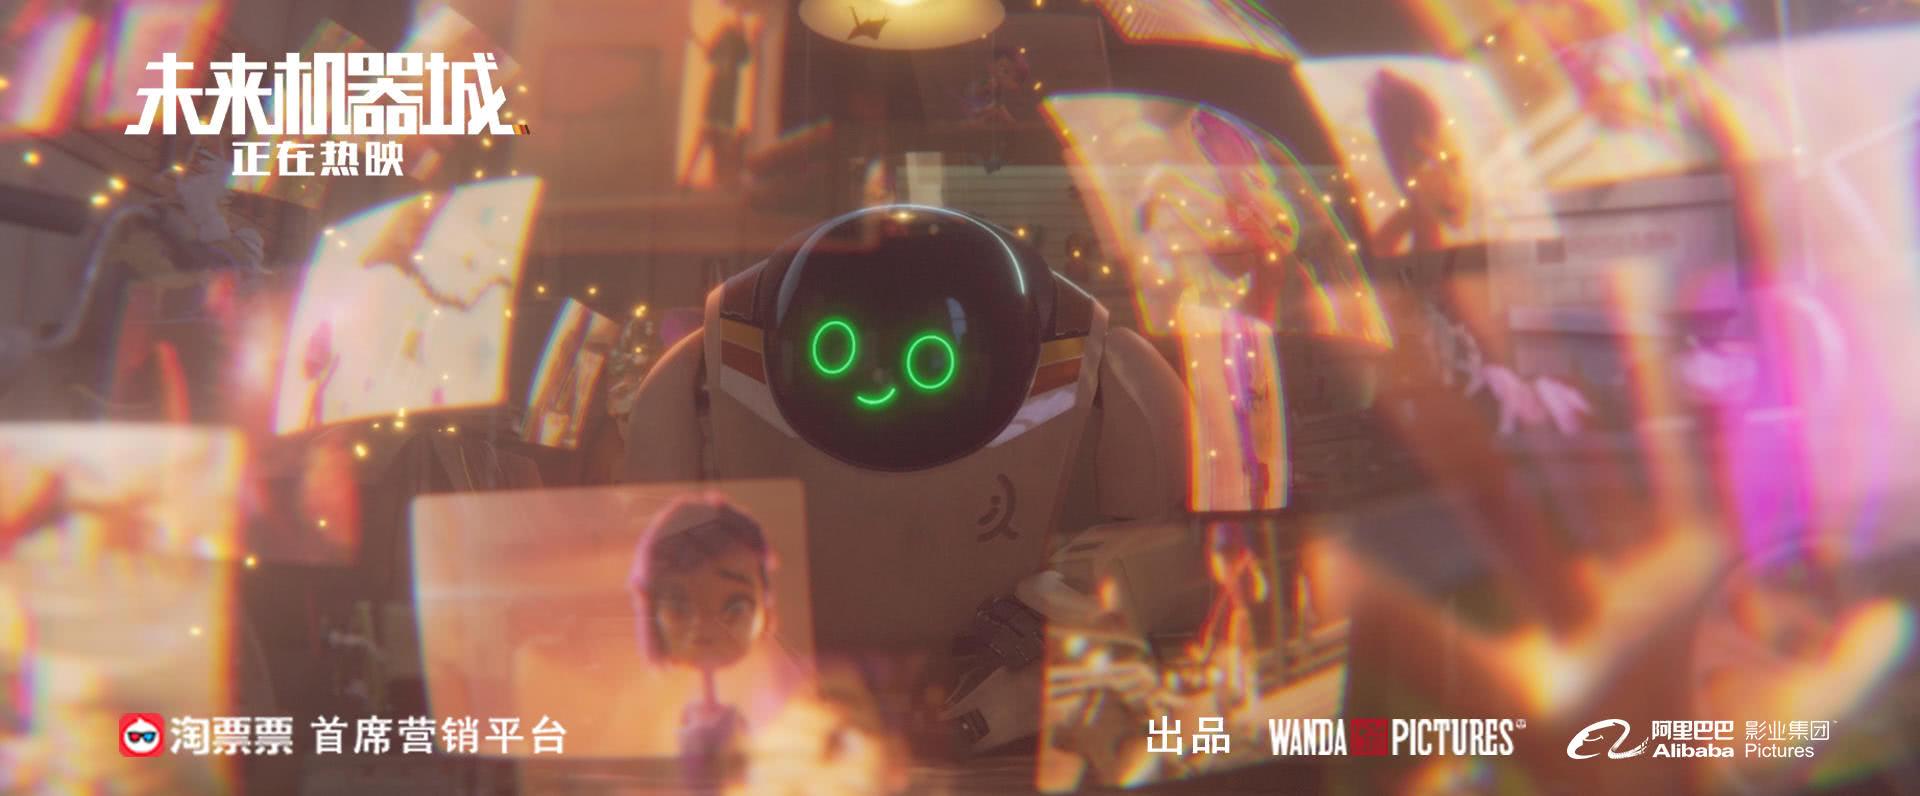 感人催泪燃情科幻《未来机器城》发布插曲MV《角落的星星》